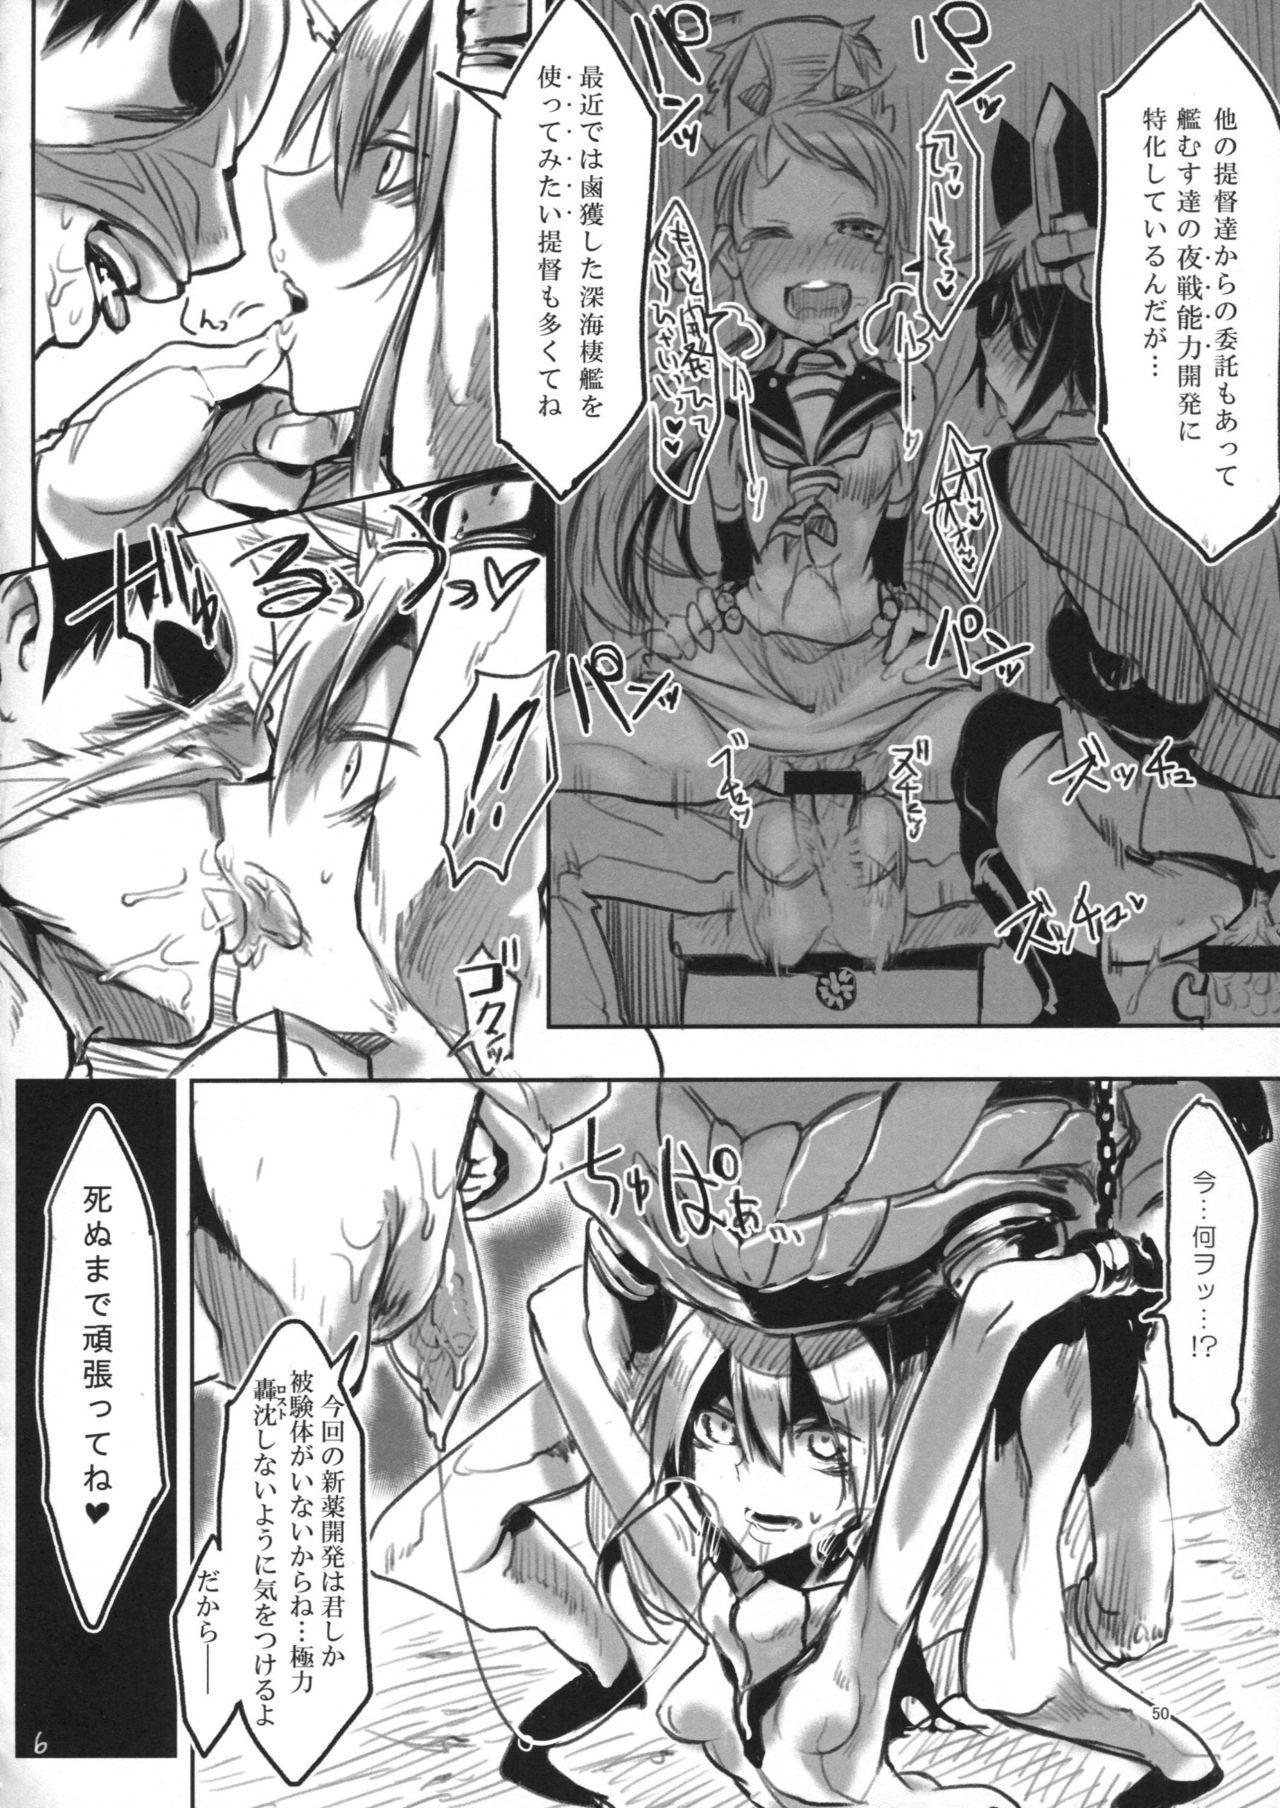 Hentai Selection 48